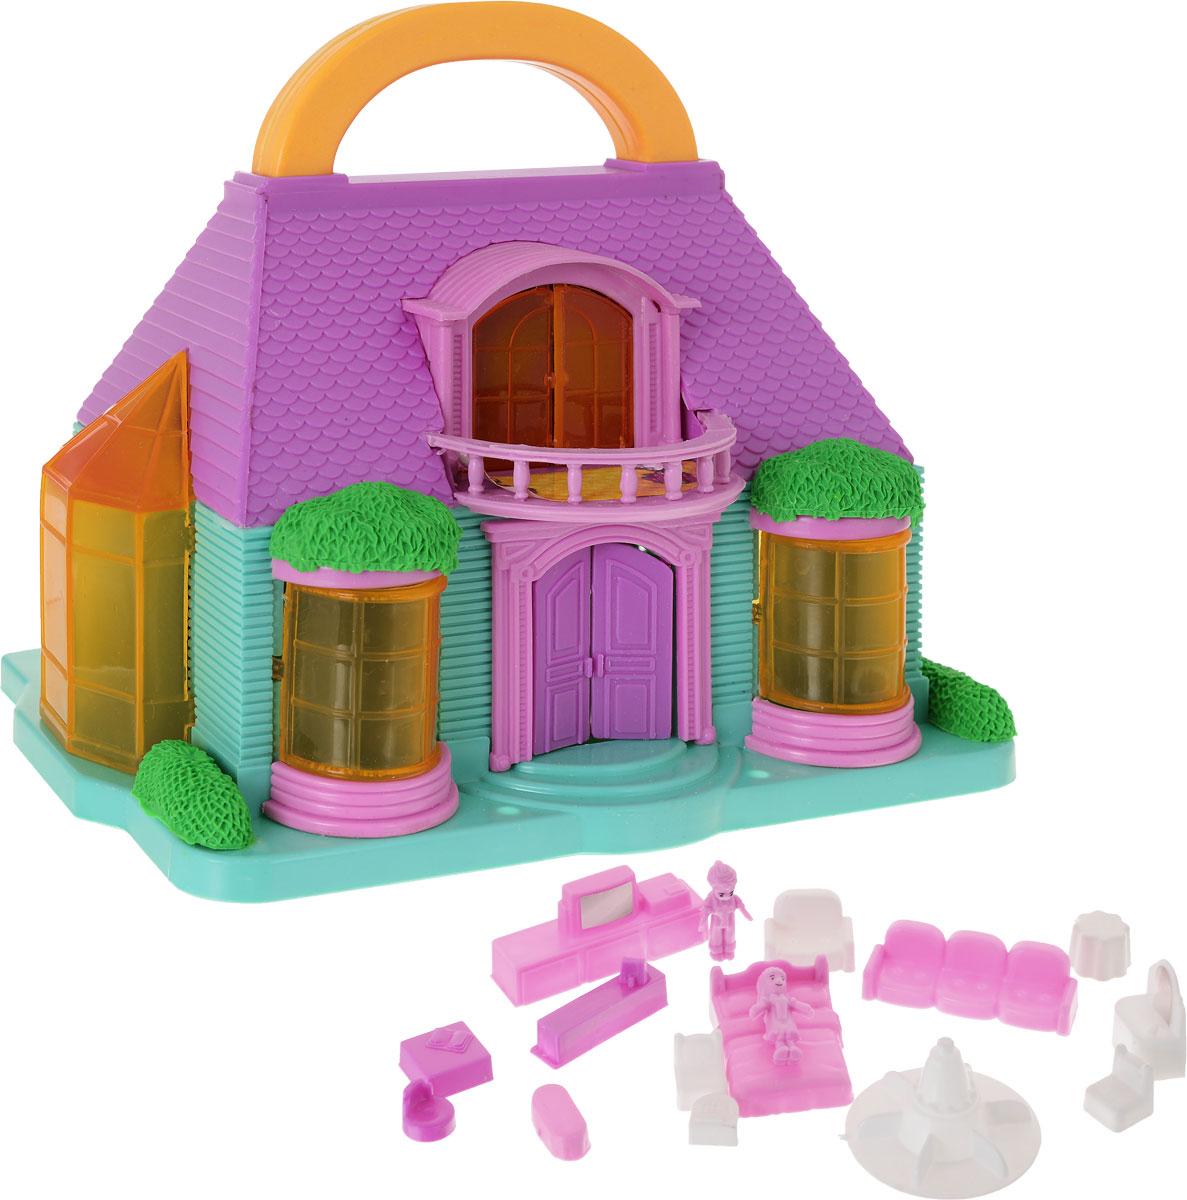 1TOY Игровой набор Домик цвет сиреневый бирюзовый игровые наборы игруша игровой набор кухня